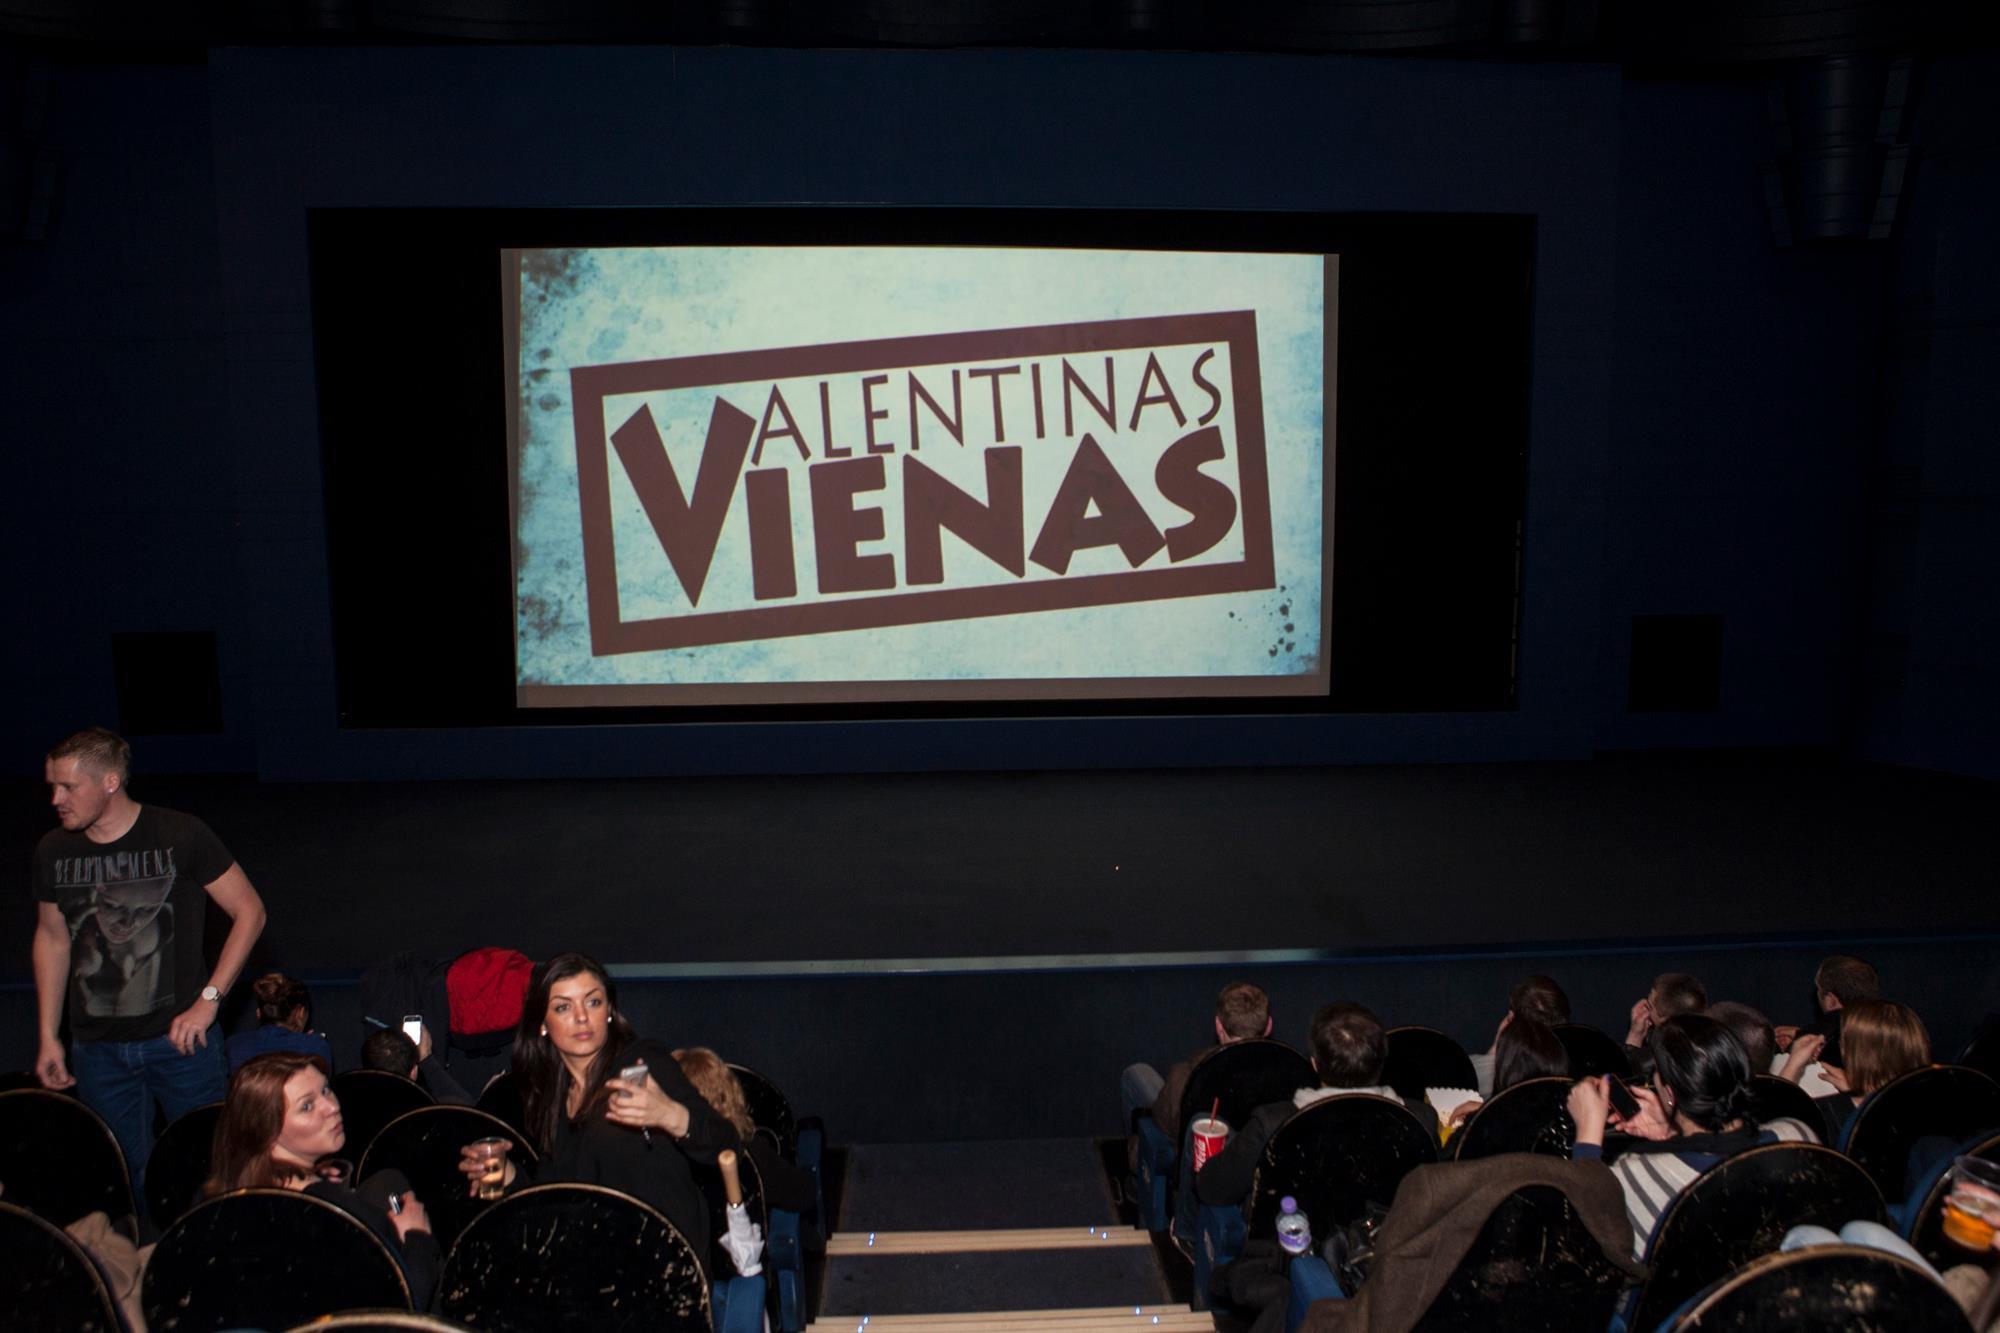 Valentinas Vienas Londone 5